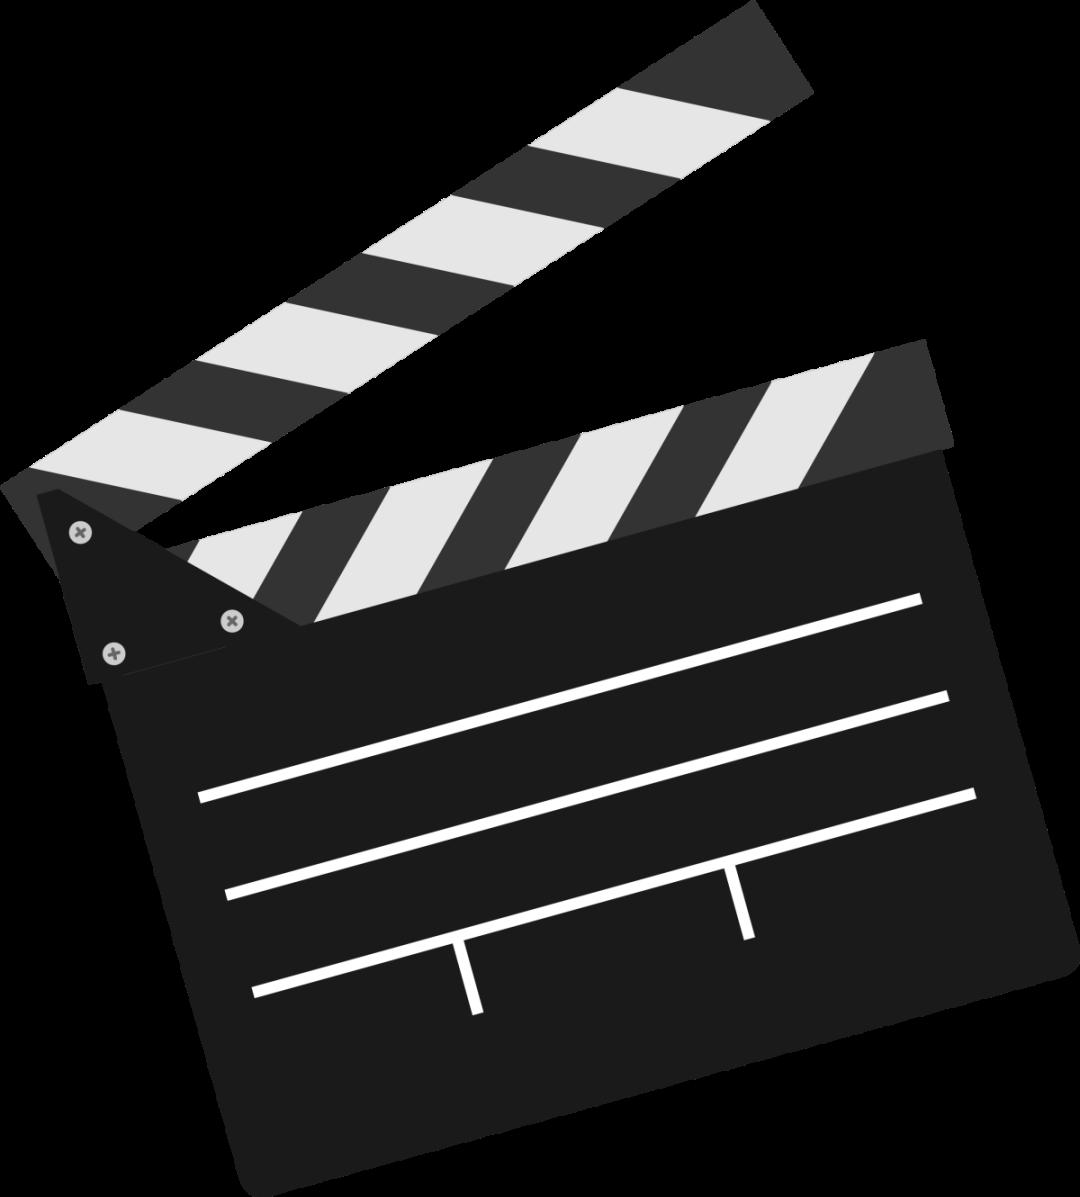 青科Vlog丨初到青岛的故事,这里有你吗?图片